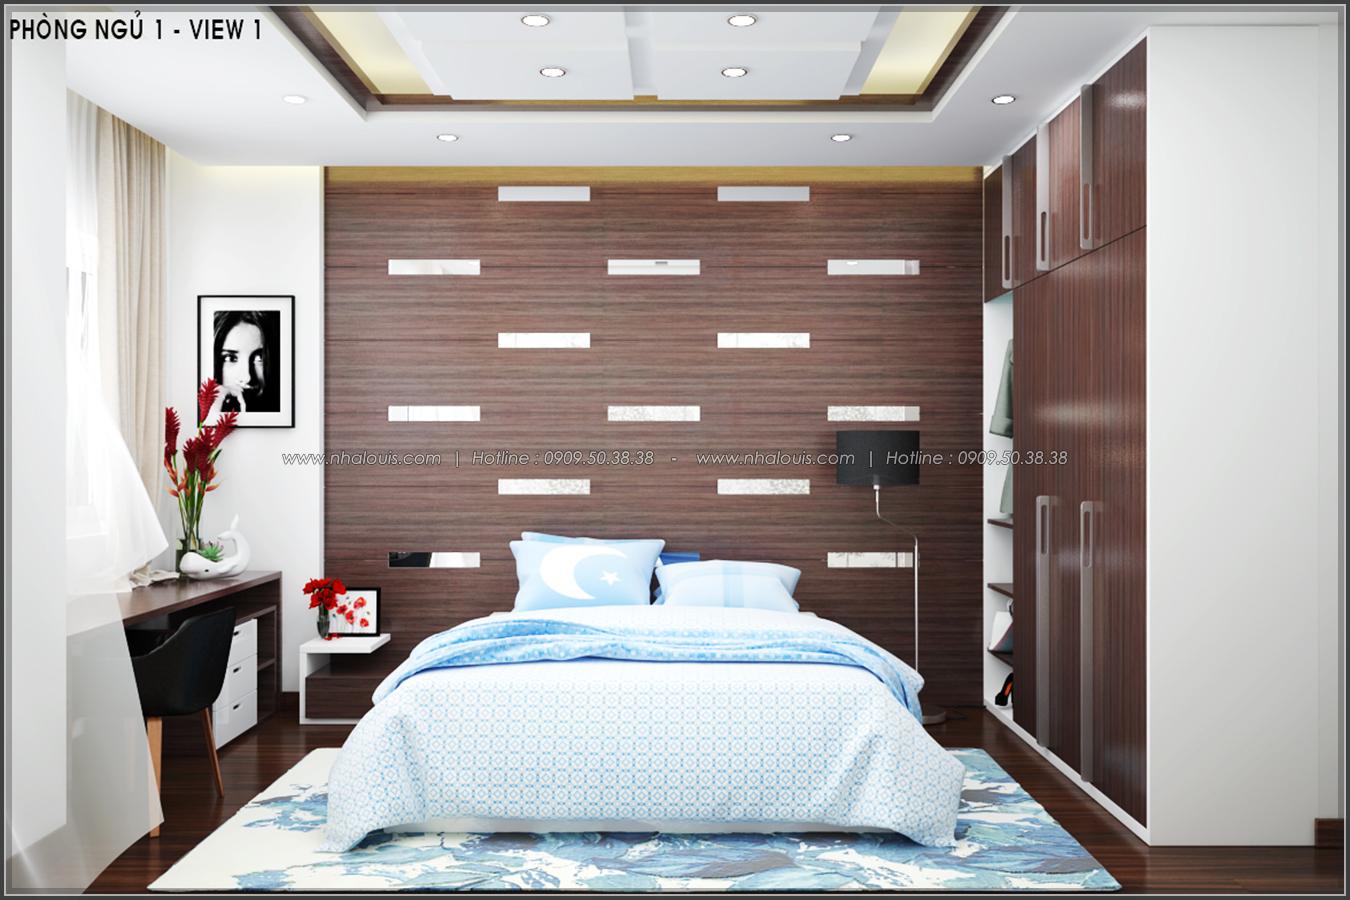 Thiết kế nội thất nhà ống đẹp tone gỗ ấm áp và sang trọng quận Tân Bình - 8